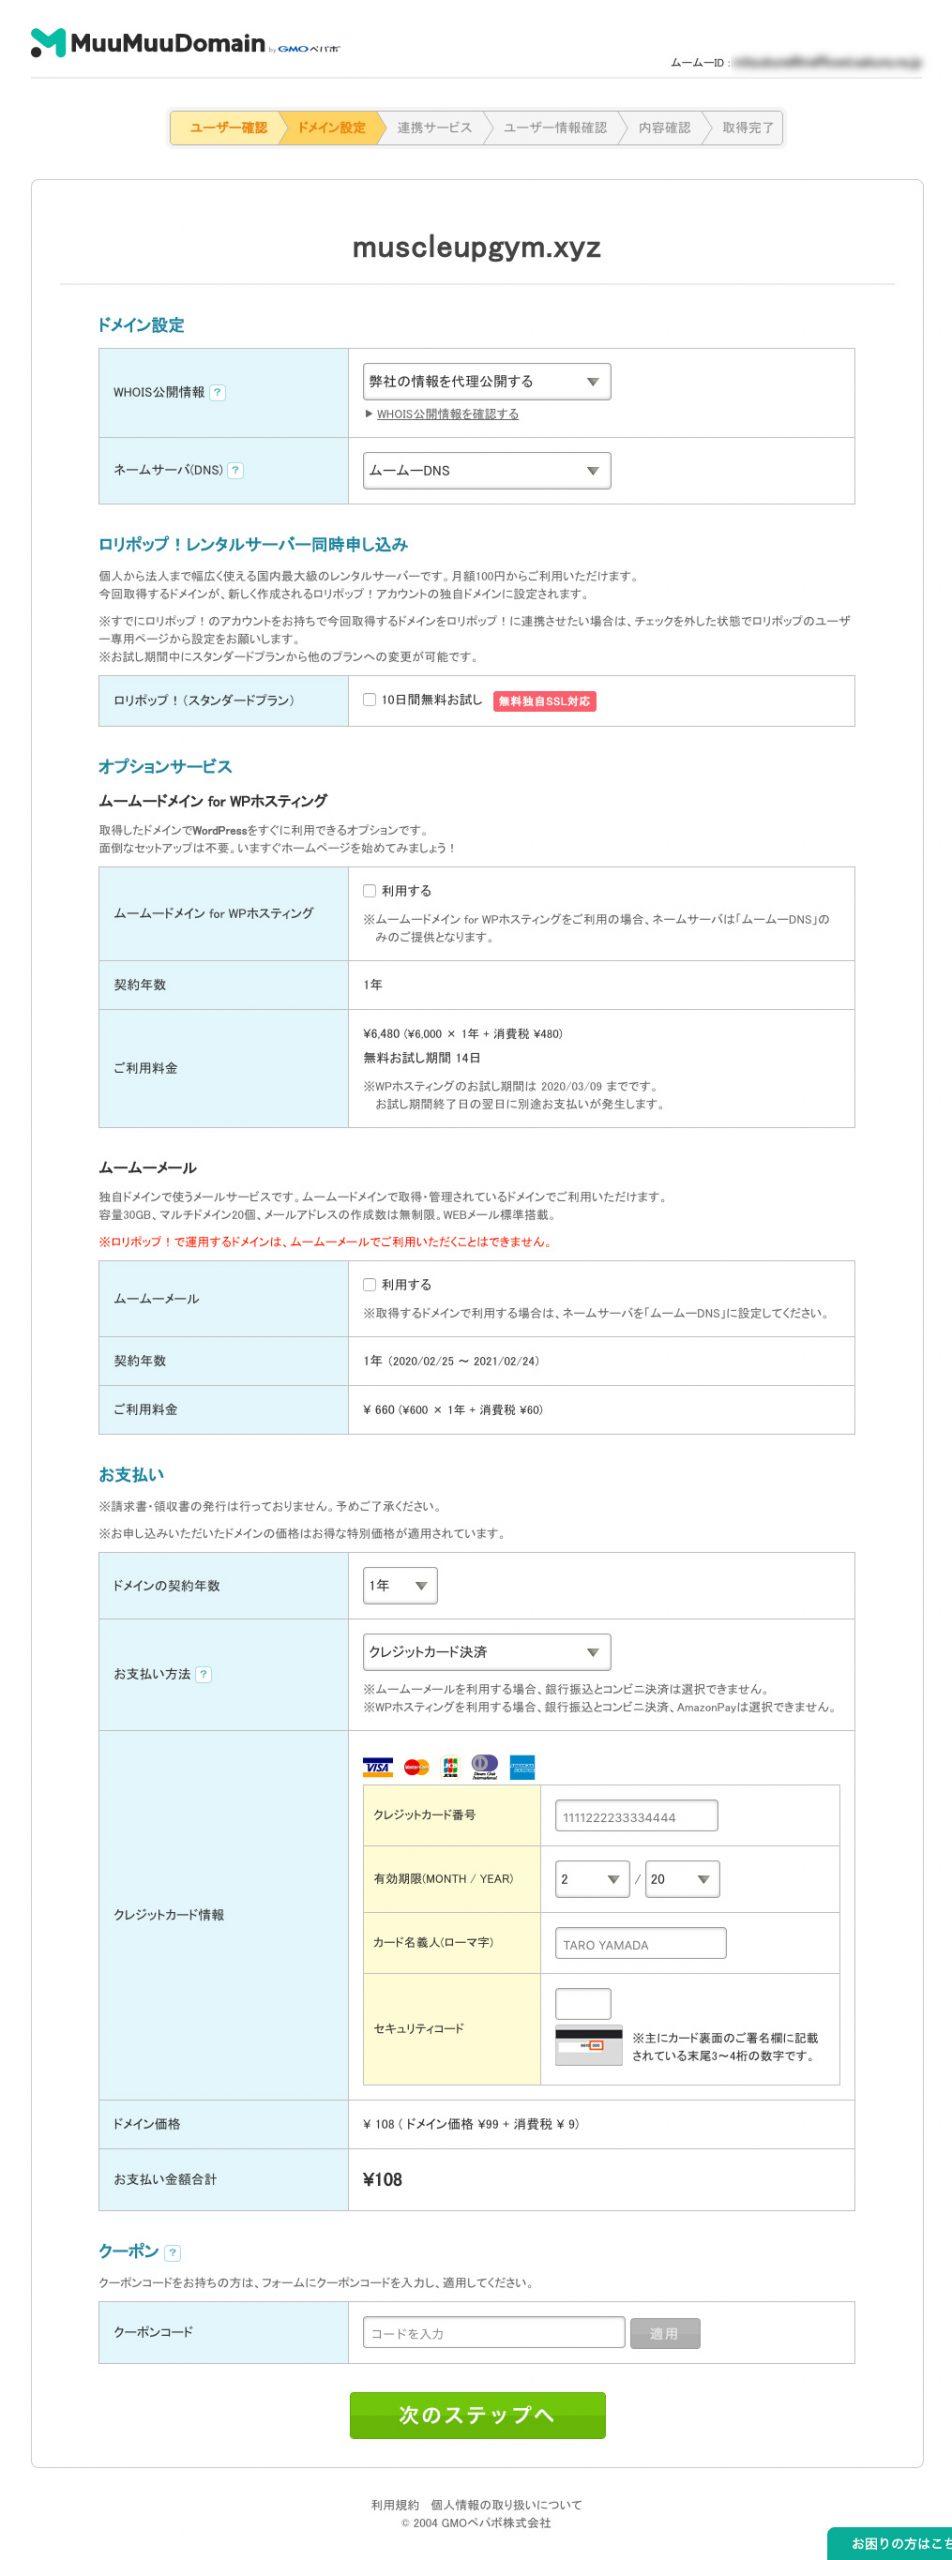 新規ユーザー登録完了とドメイン設定、オプション設定、支払い設定をします